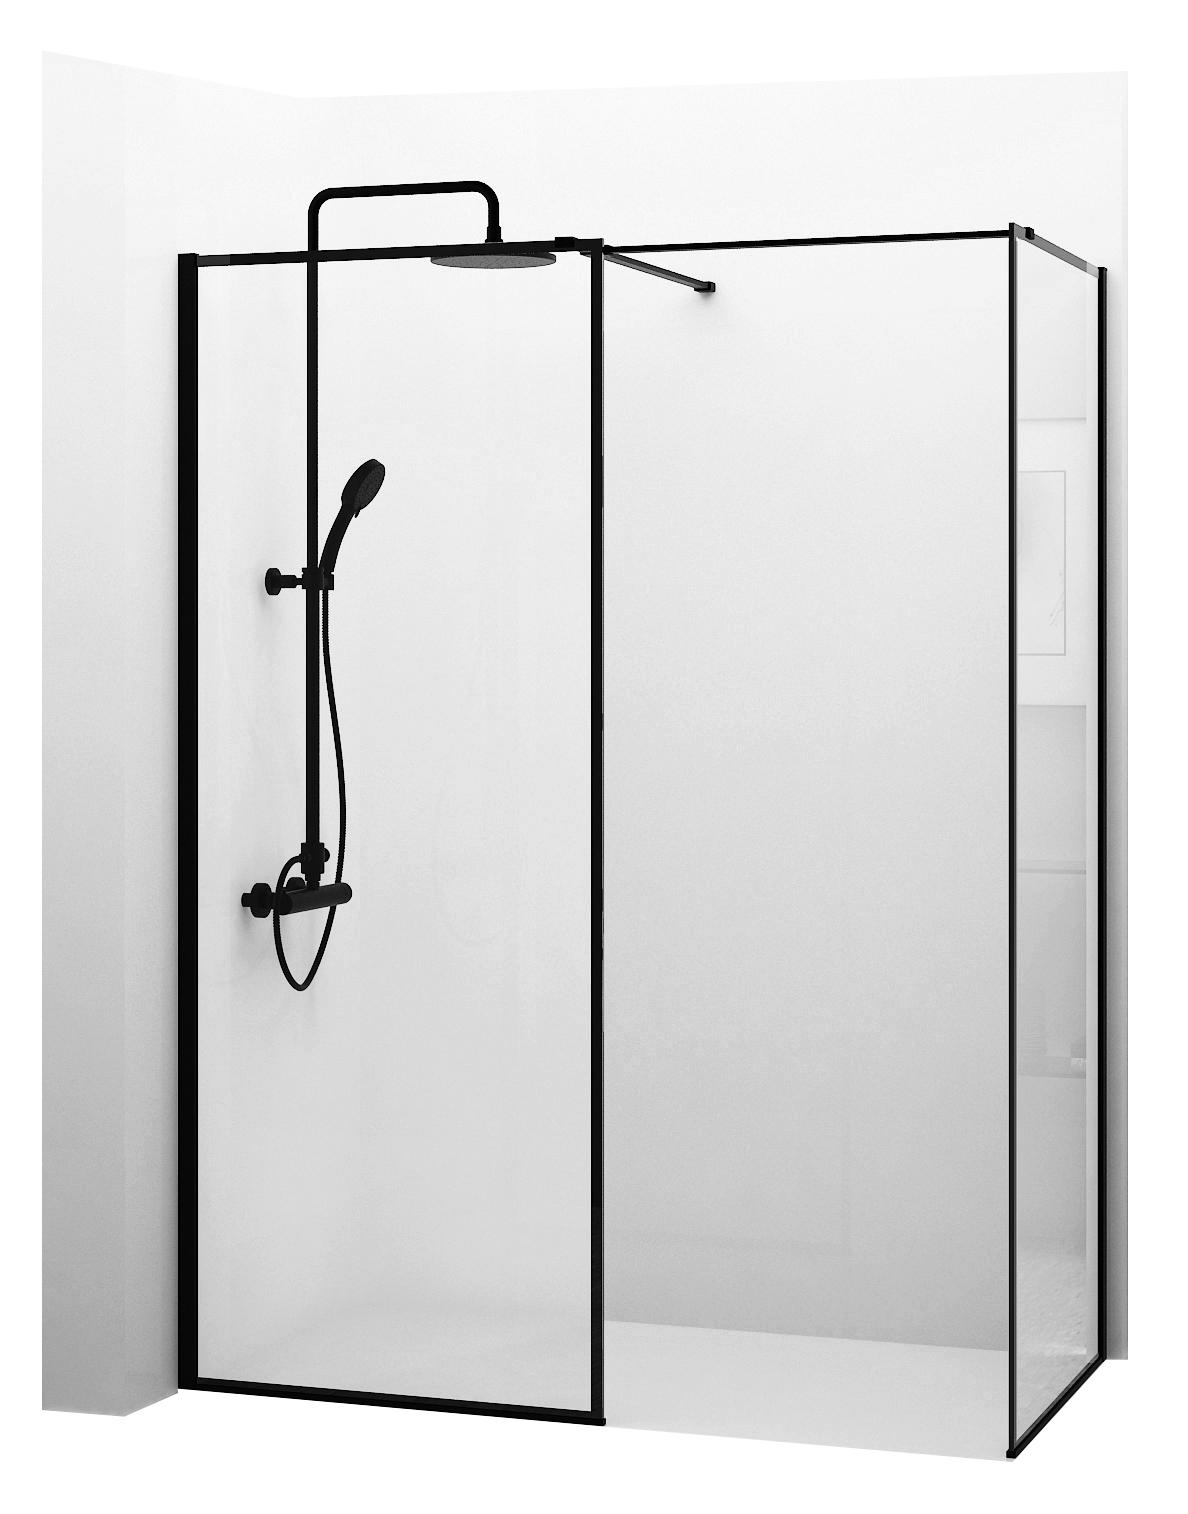 Kabina sprchová Bler 70-90 cm - Kabina Bler 1: 70x70